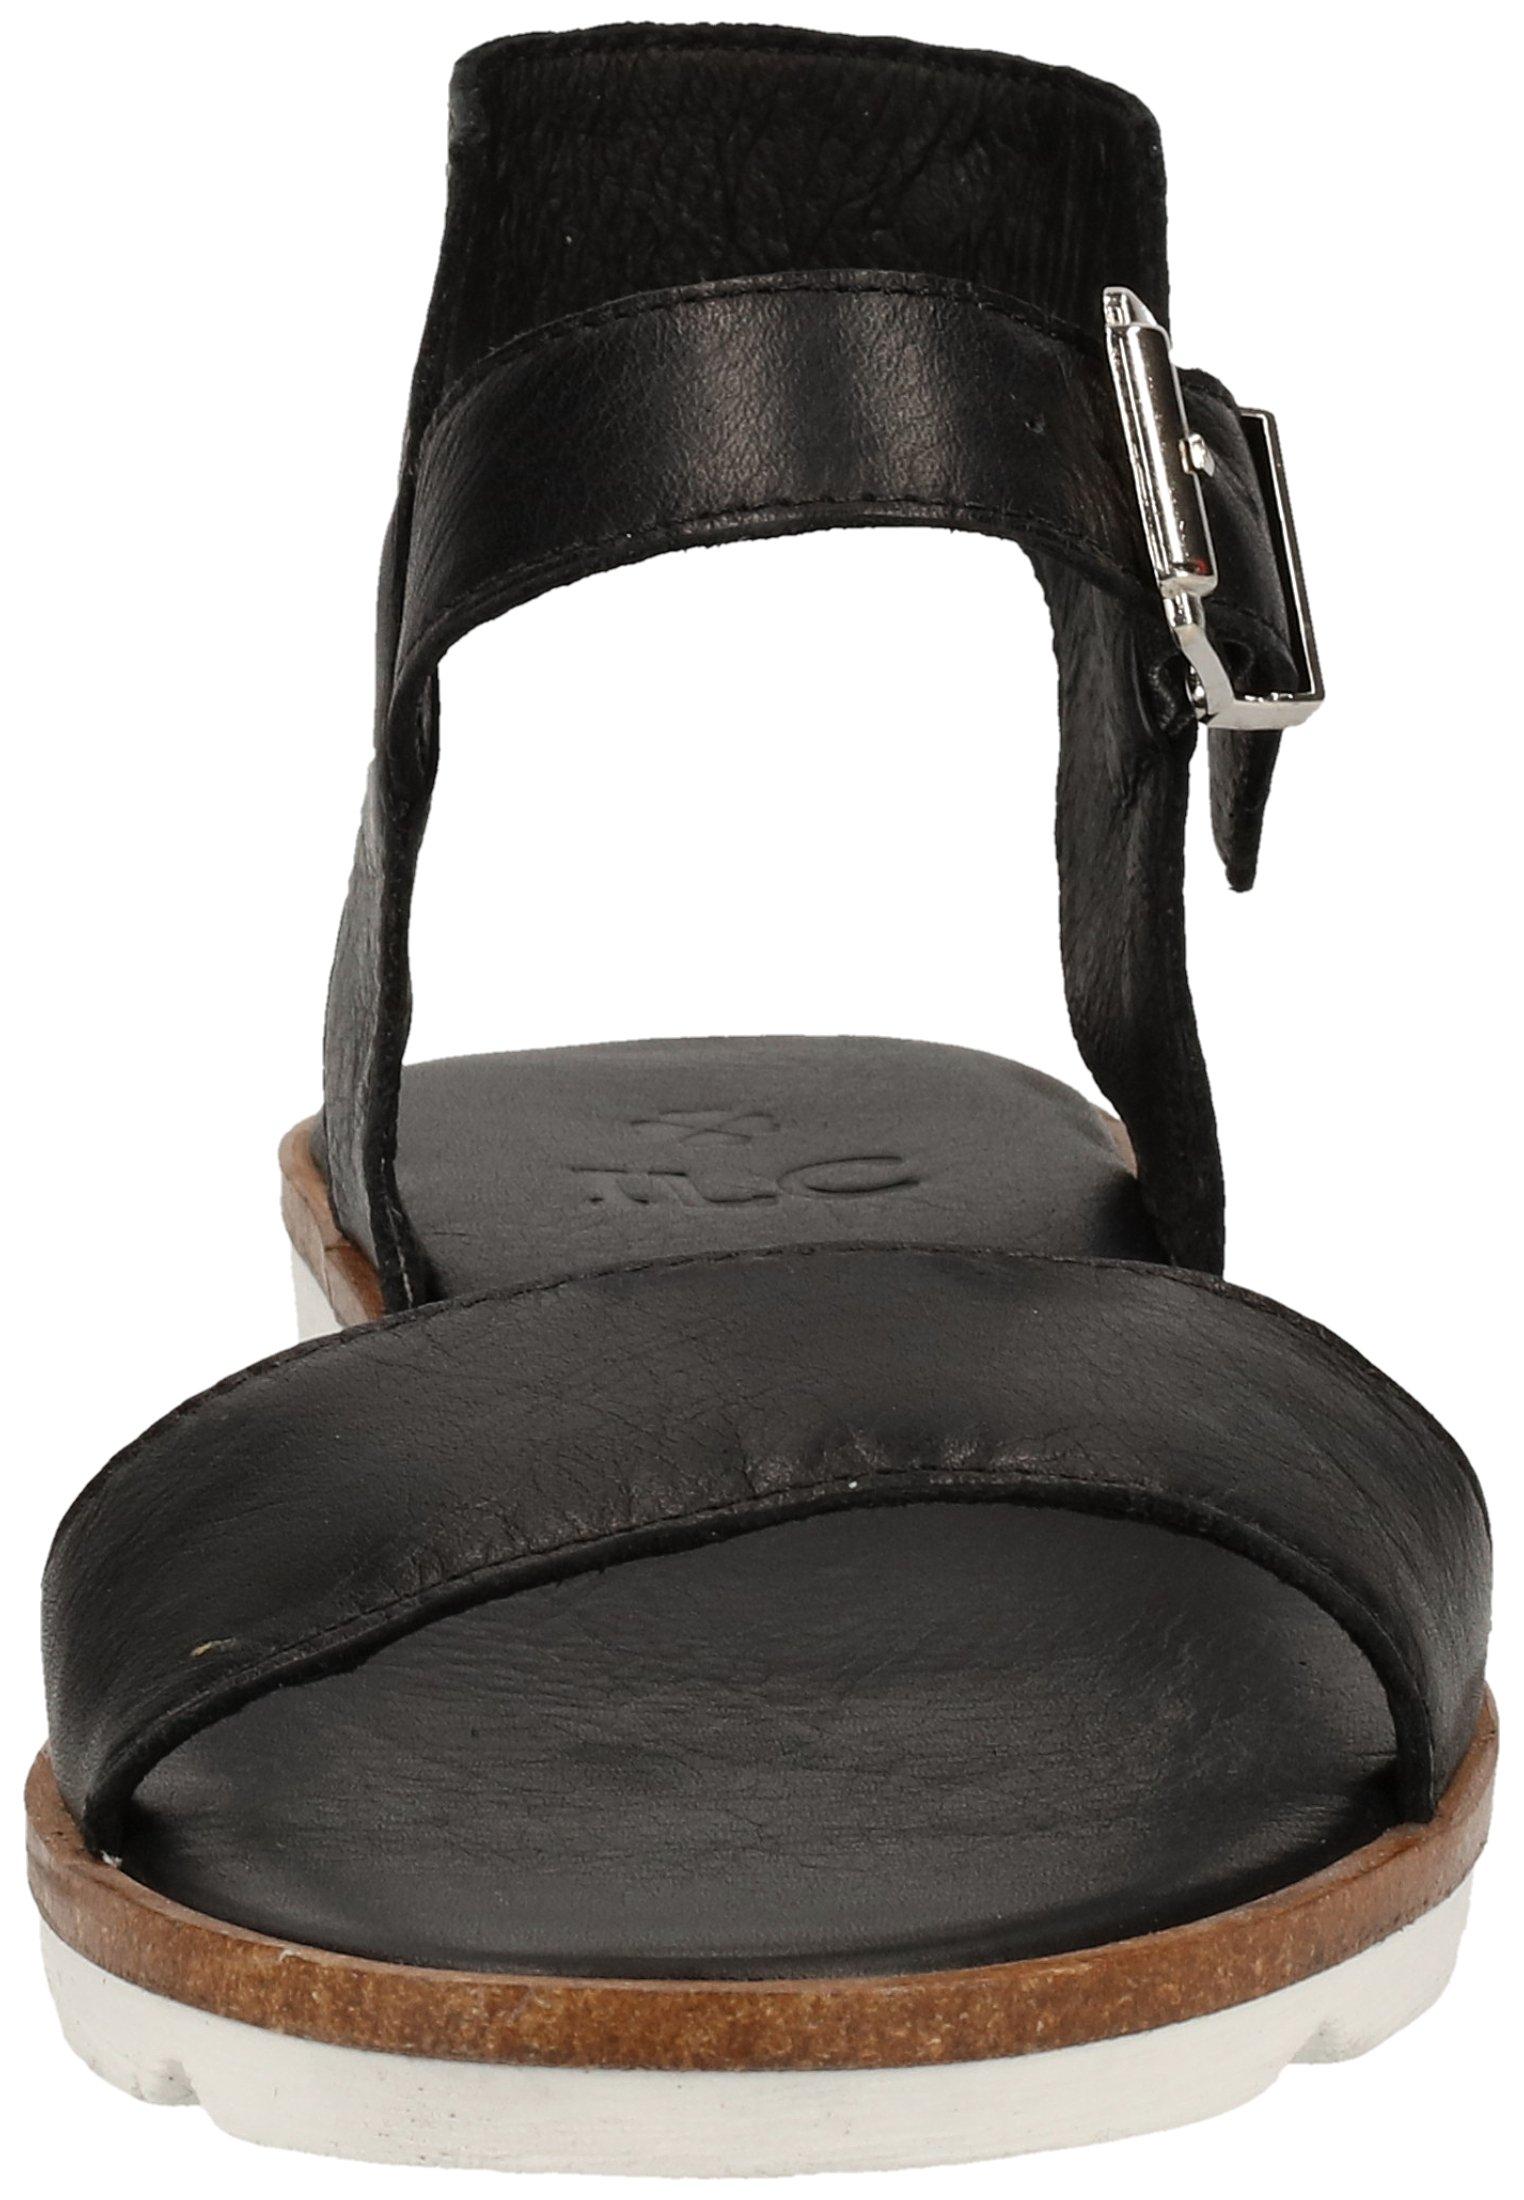 ILC ILC SANDALEN - Sandales - black/black 01.01